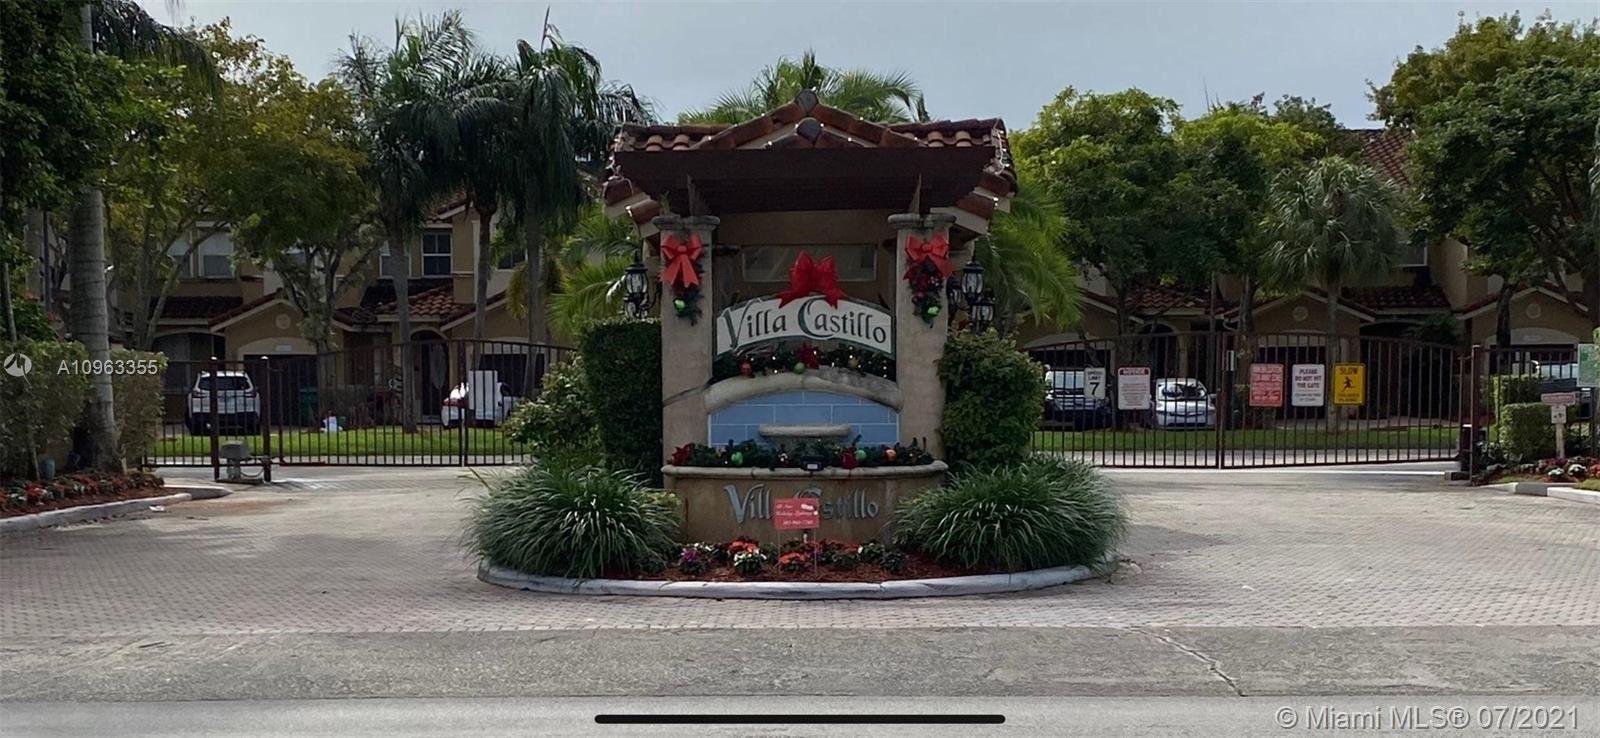 8913 SW 108th Pl #8913, Miami, FL 33176 - #: A10963355